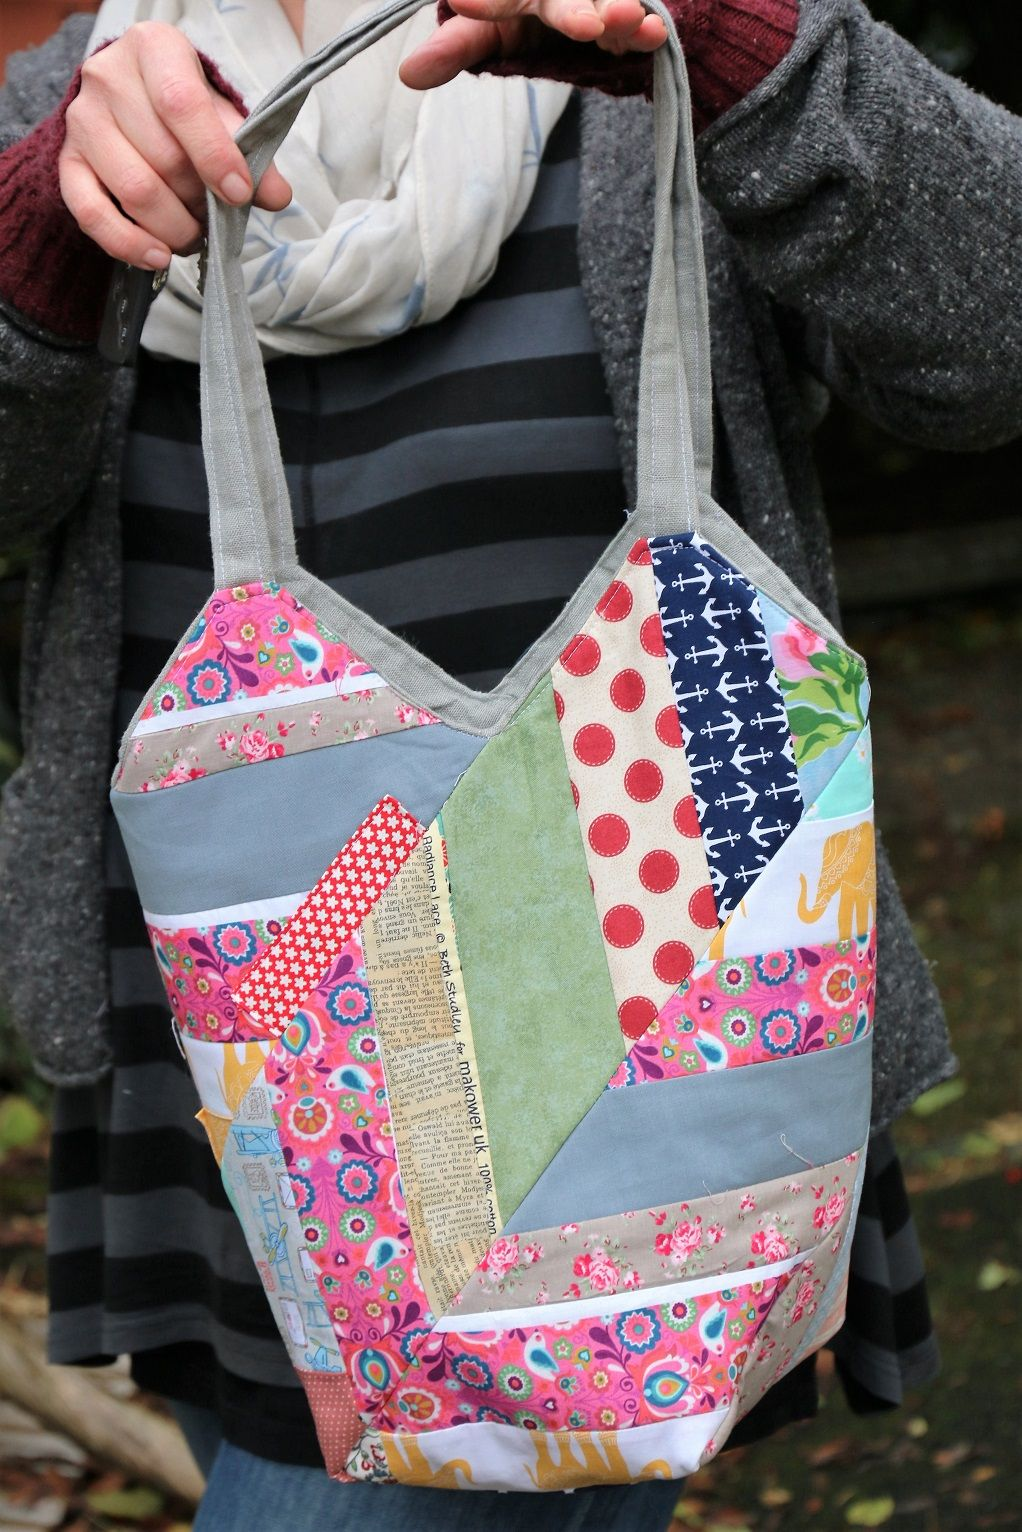 windm hlentasche n hen im chevron look tutorials free patterns bags handmade bags und sewing